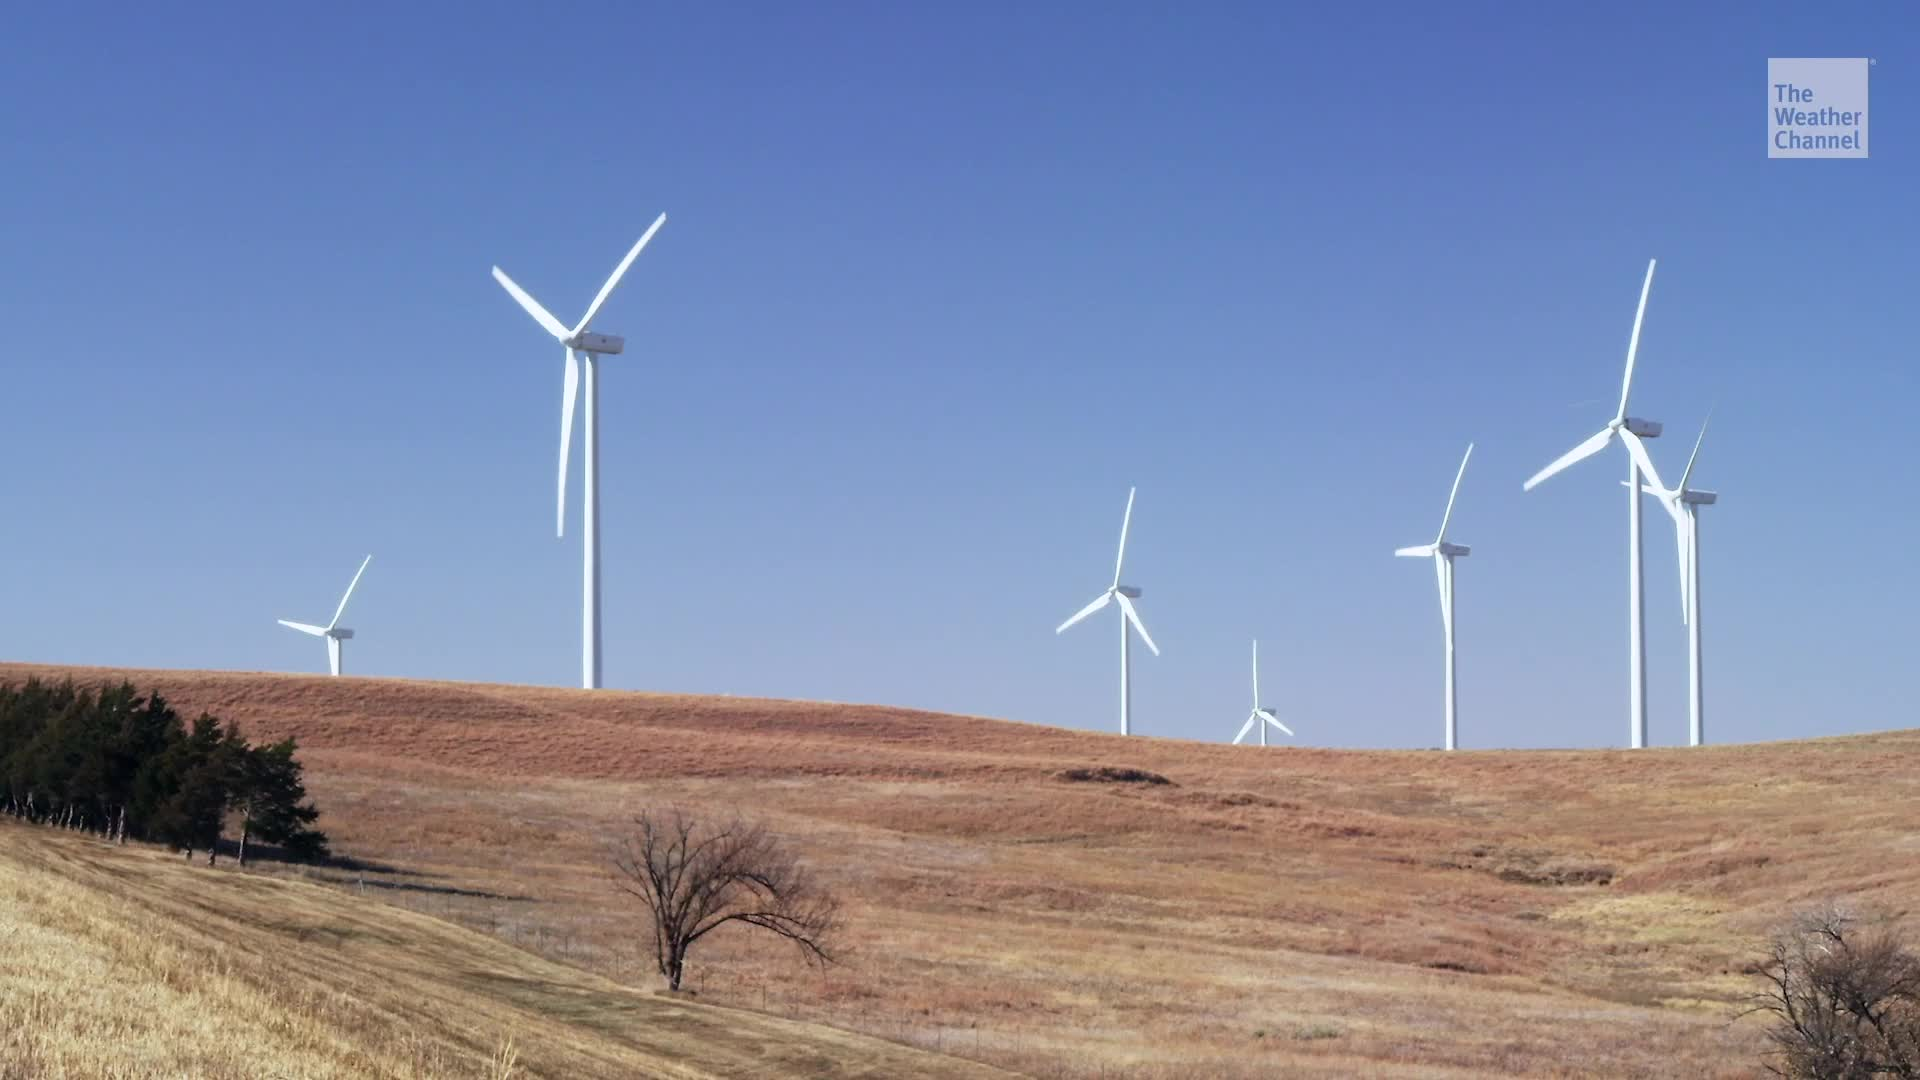 Las ambiciosas metas de Colorado para obtener energía limpia han resultado en el cierre de varias plantas eléctricas de carbón, una gran noticia para el suministro de agua en el estado a menudo con sequía.